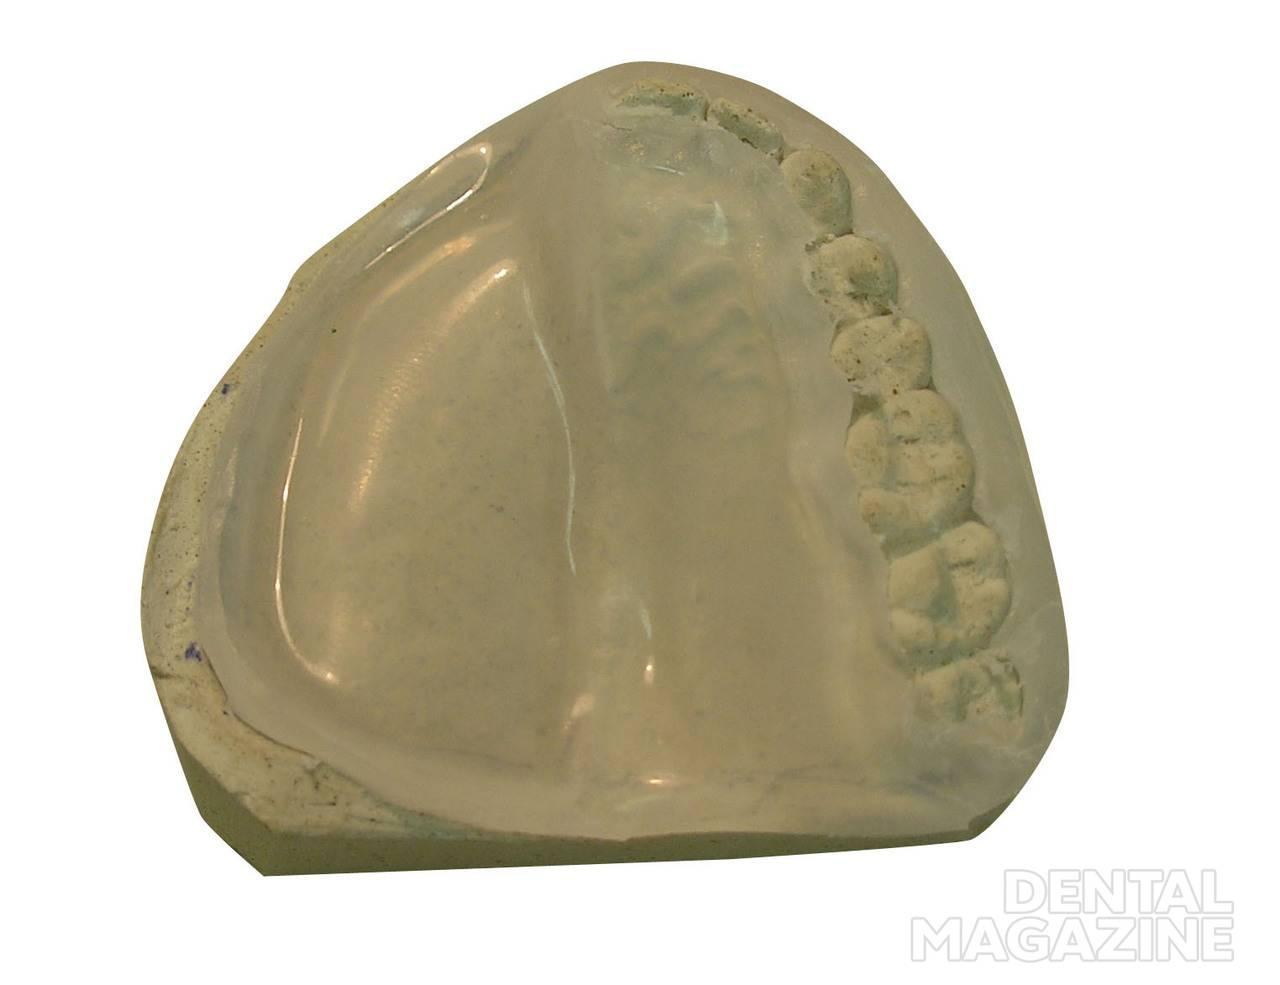 Рис. 8. Резекционная пластина из нейлона с гибким непрерывным кламмером на интактный зубной ряд.